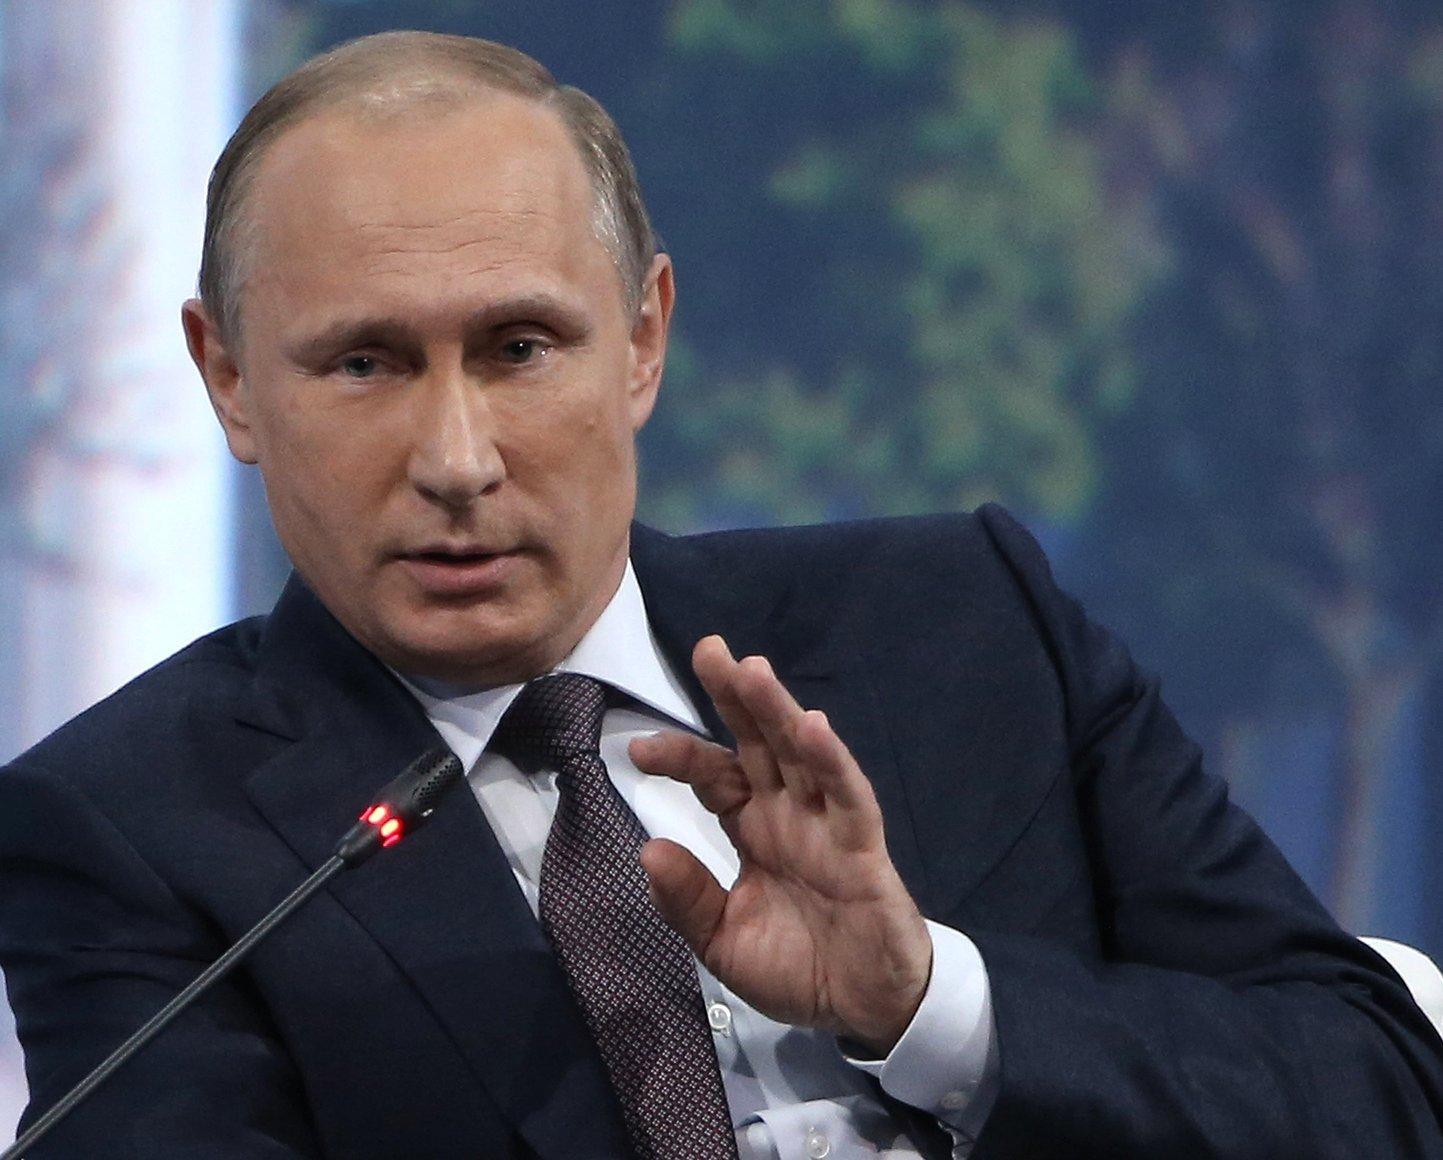 ВПетербурге студенты сообщили, что ихзаставляют собирать подписи за В. Путина